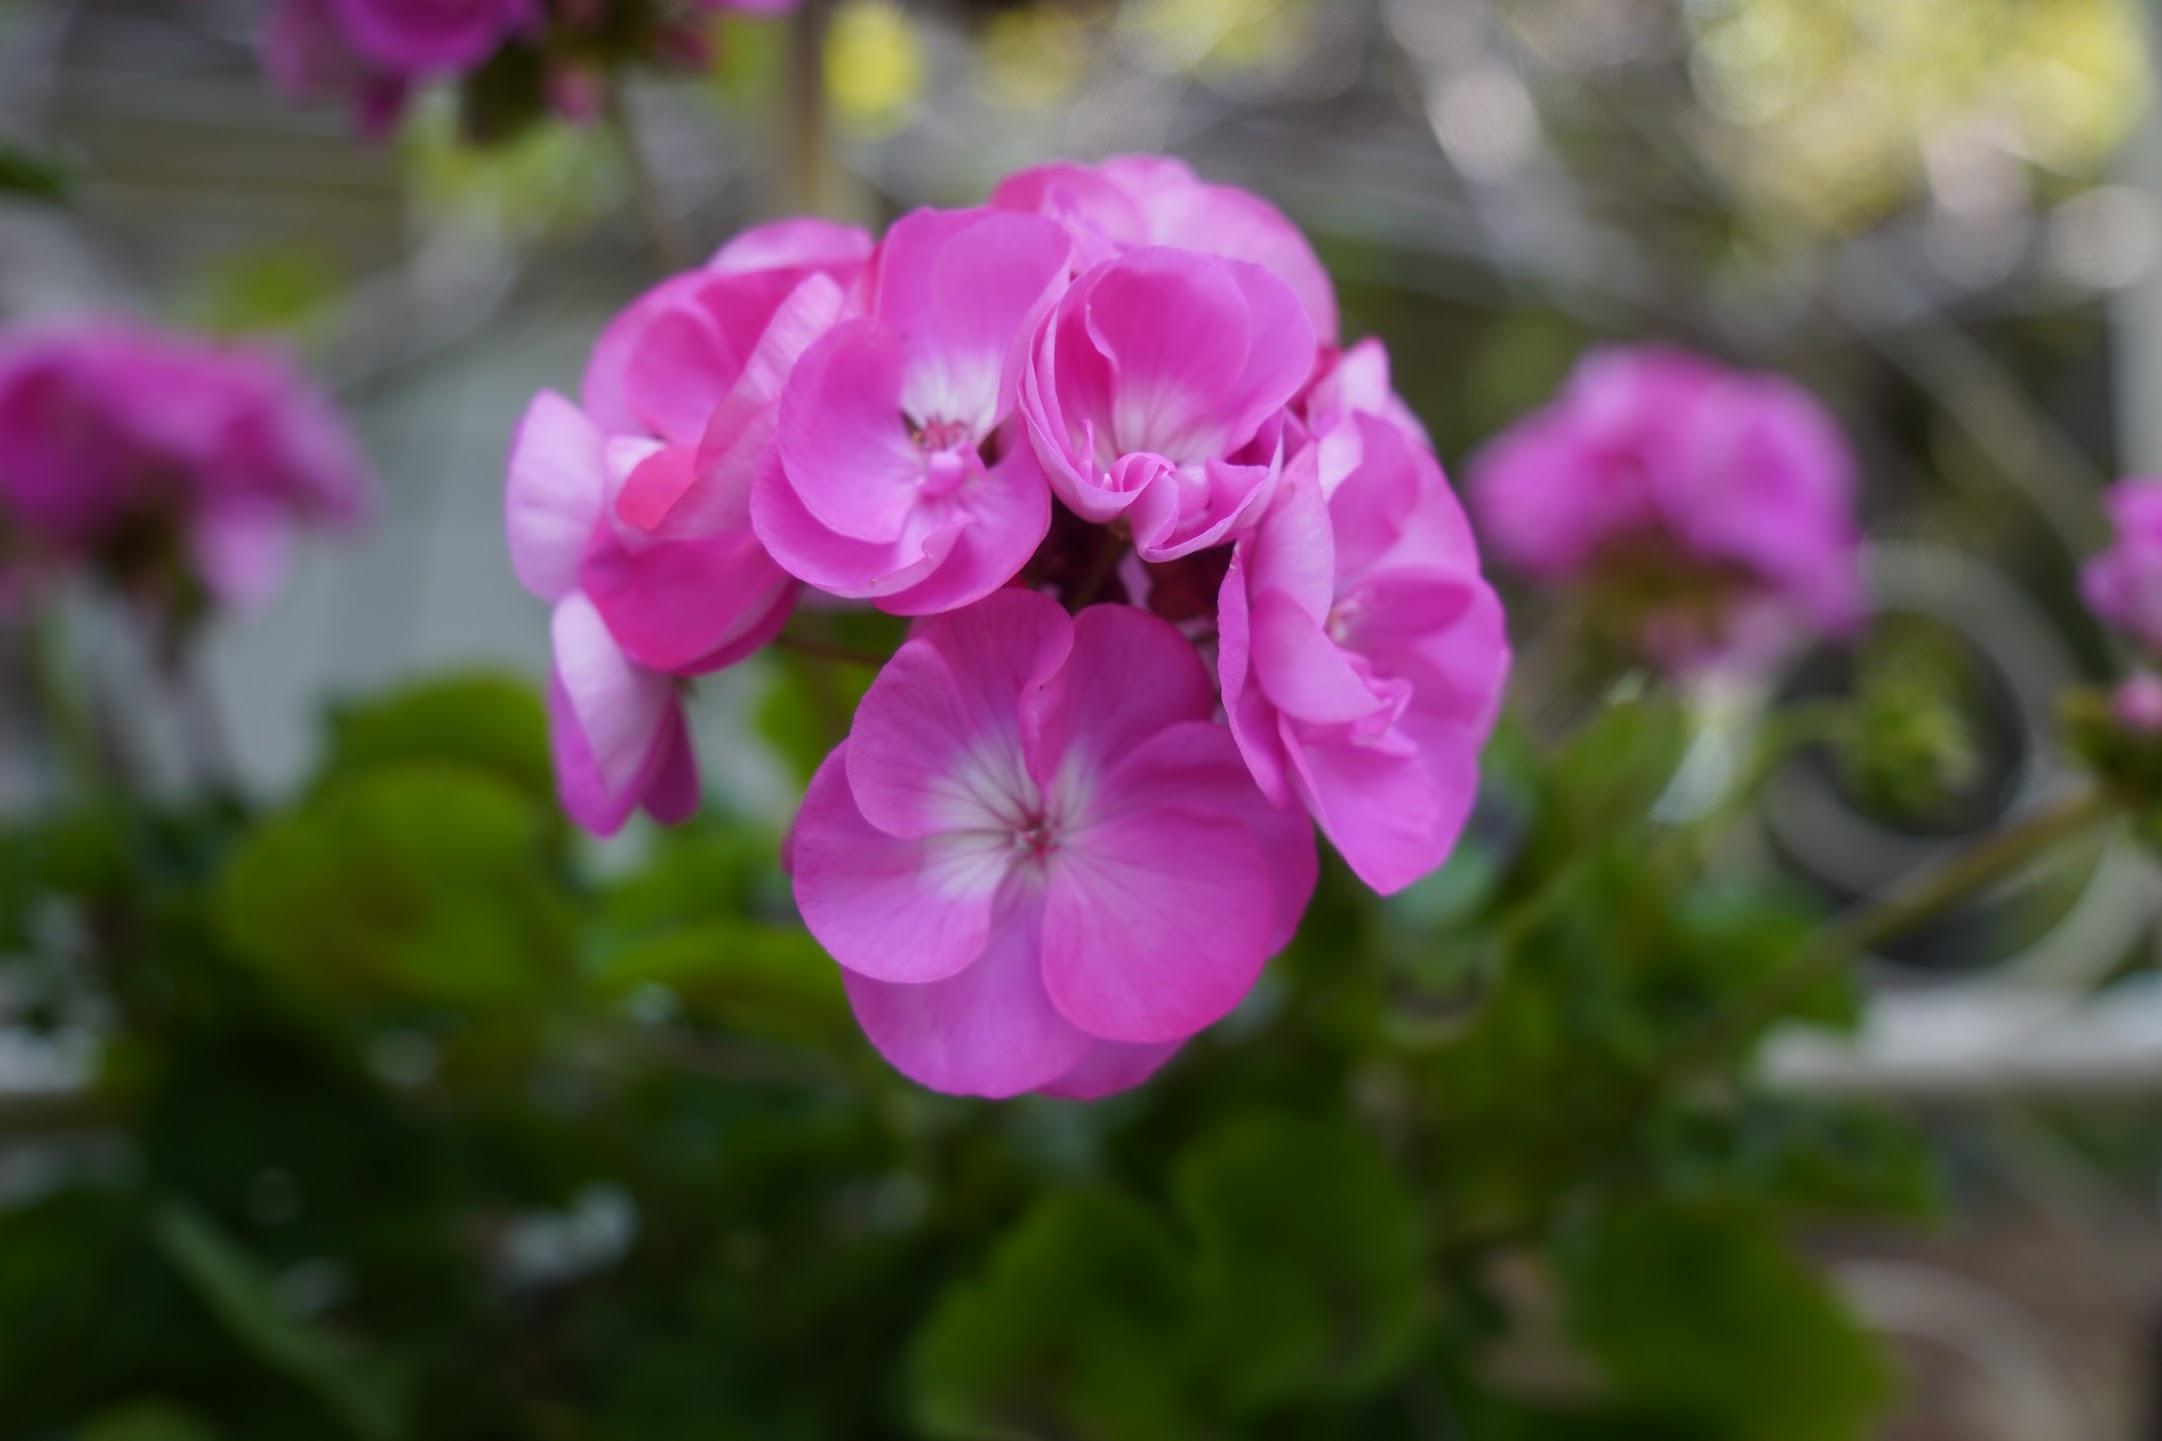 「ふかや緑の王国」の花たち 【TAMRON 17-70mm F2.8】(手持ちOnly)